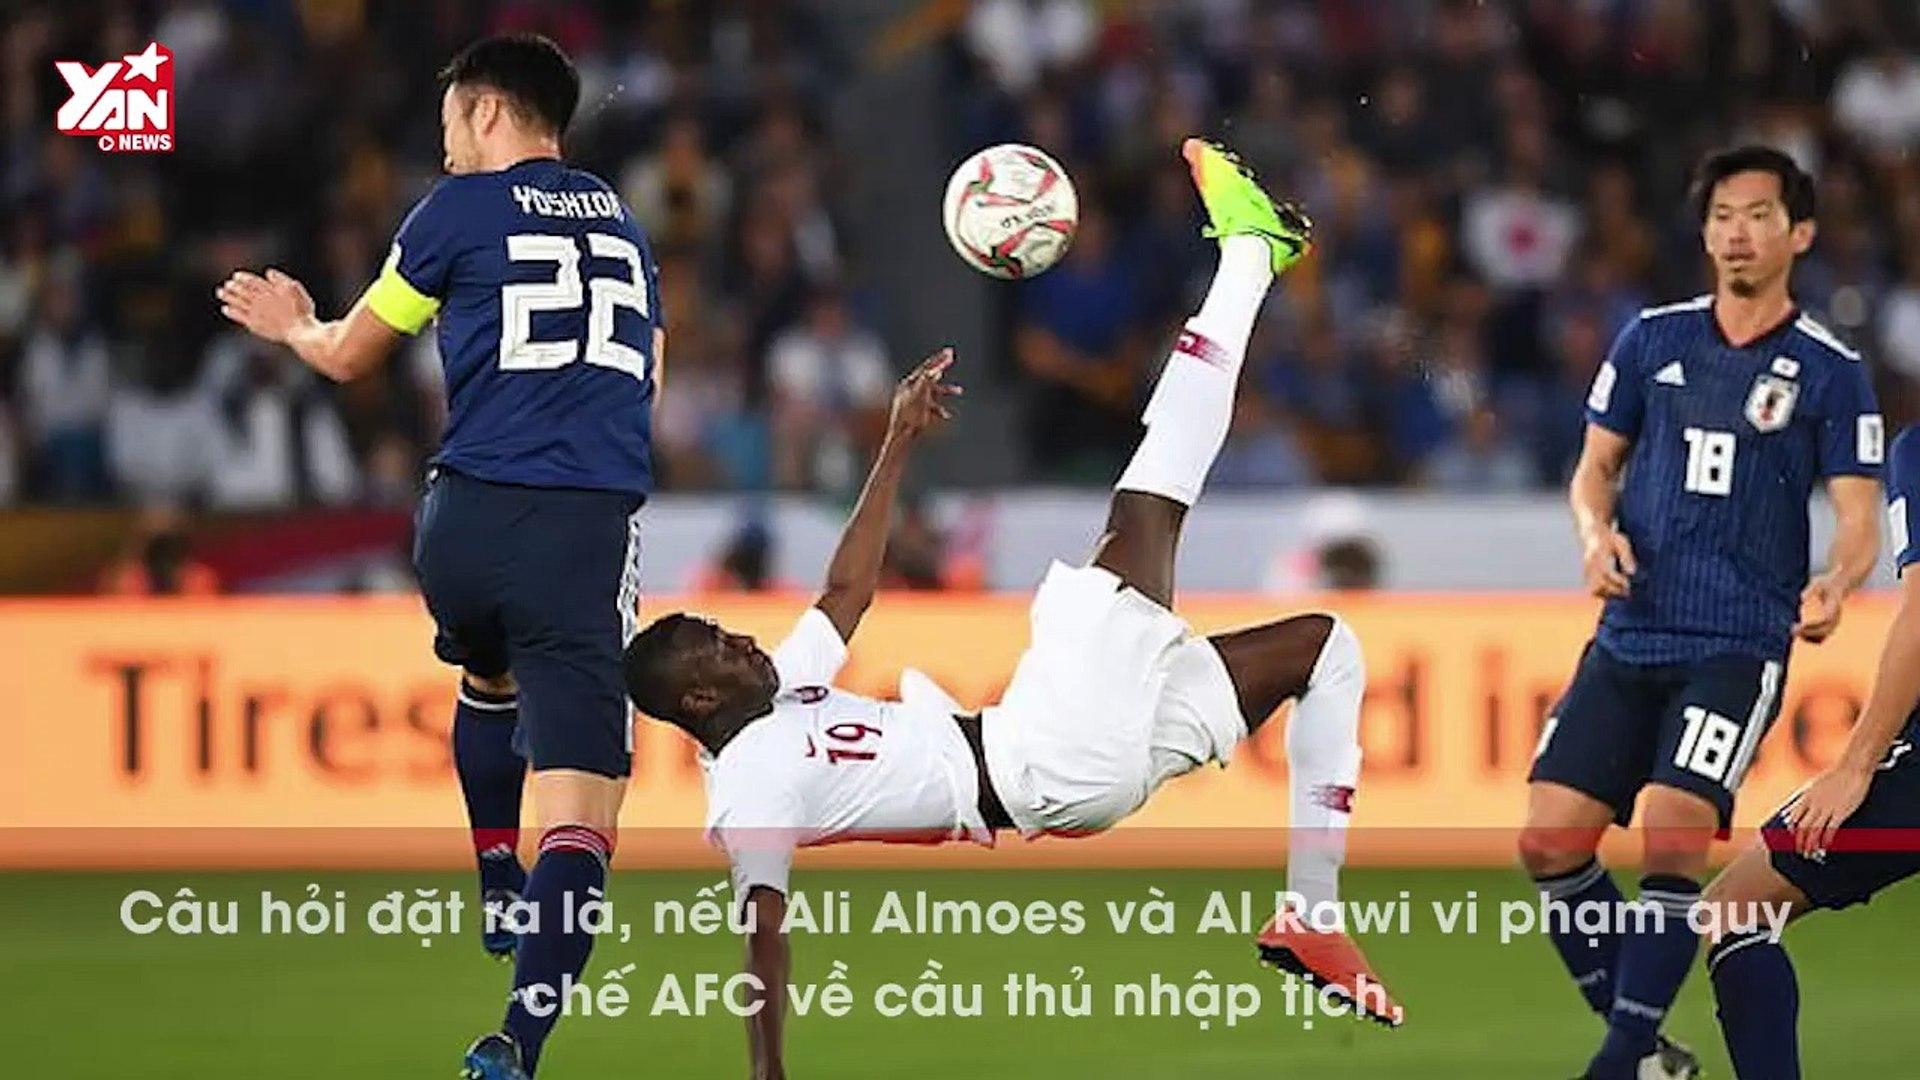 """Nếu Ali Almoez là """"cầu thủ lậu"""" thì Qatar có bị tước danh hiệu?"""